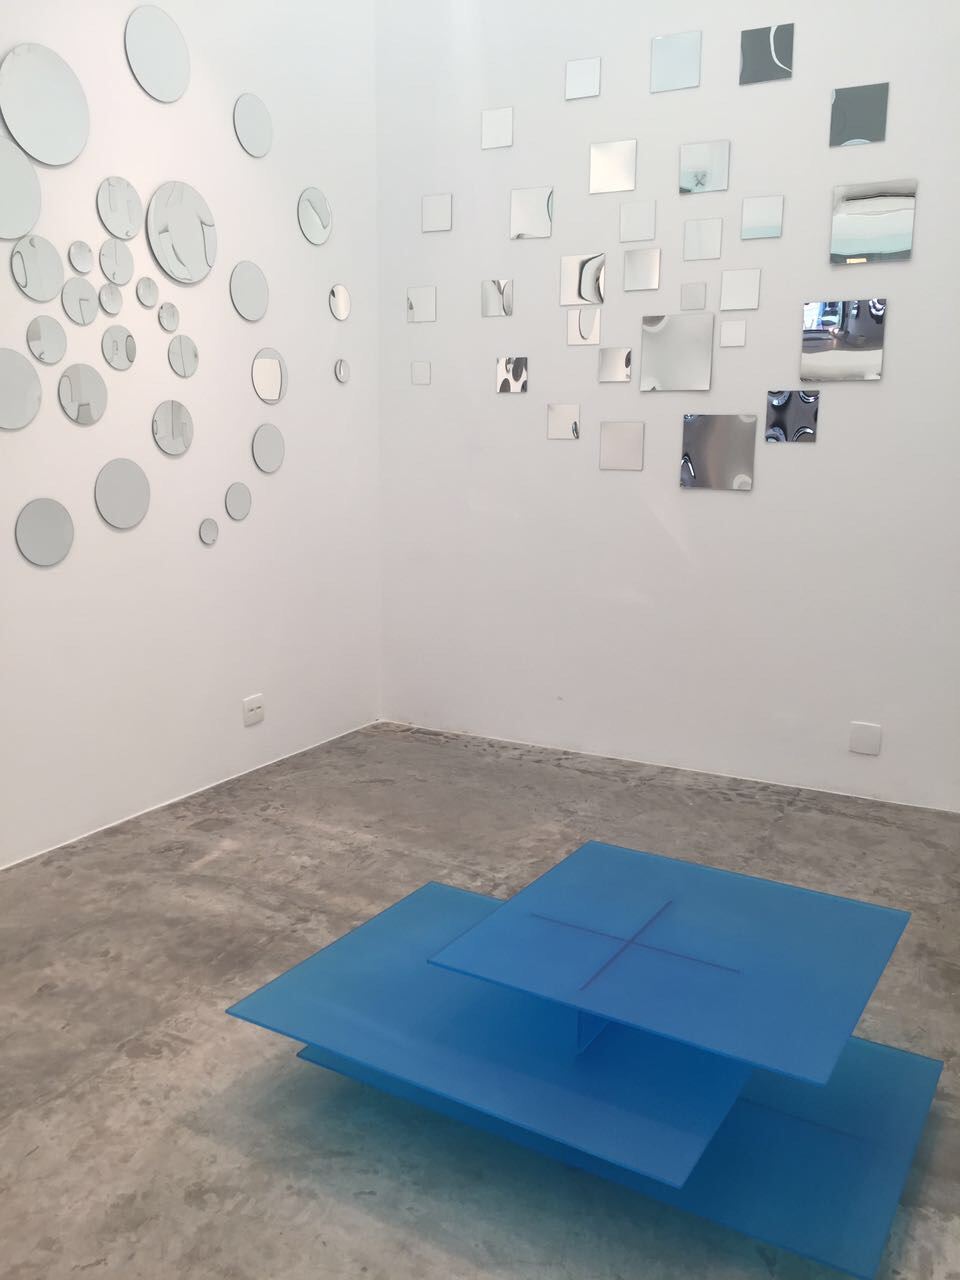 """Mesa de Centro Nébula - Leo Di Caprio """"Uma cascata horizontal de chapas de vidro fazem referência ao modernismo e seus desafios das estruturas em balanço dentro de uma estética minimalista e etérea""""."""